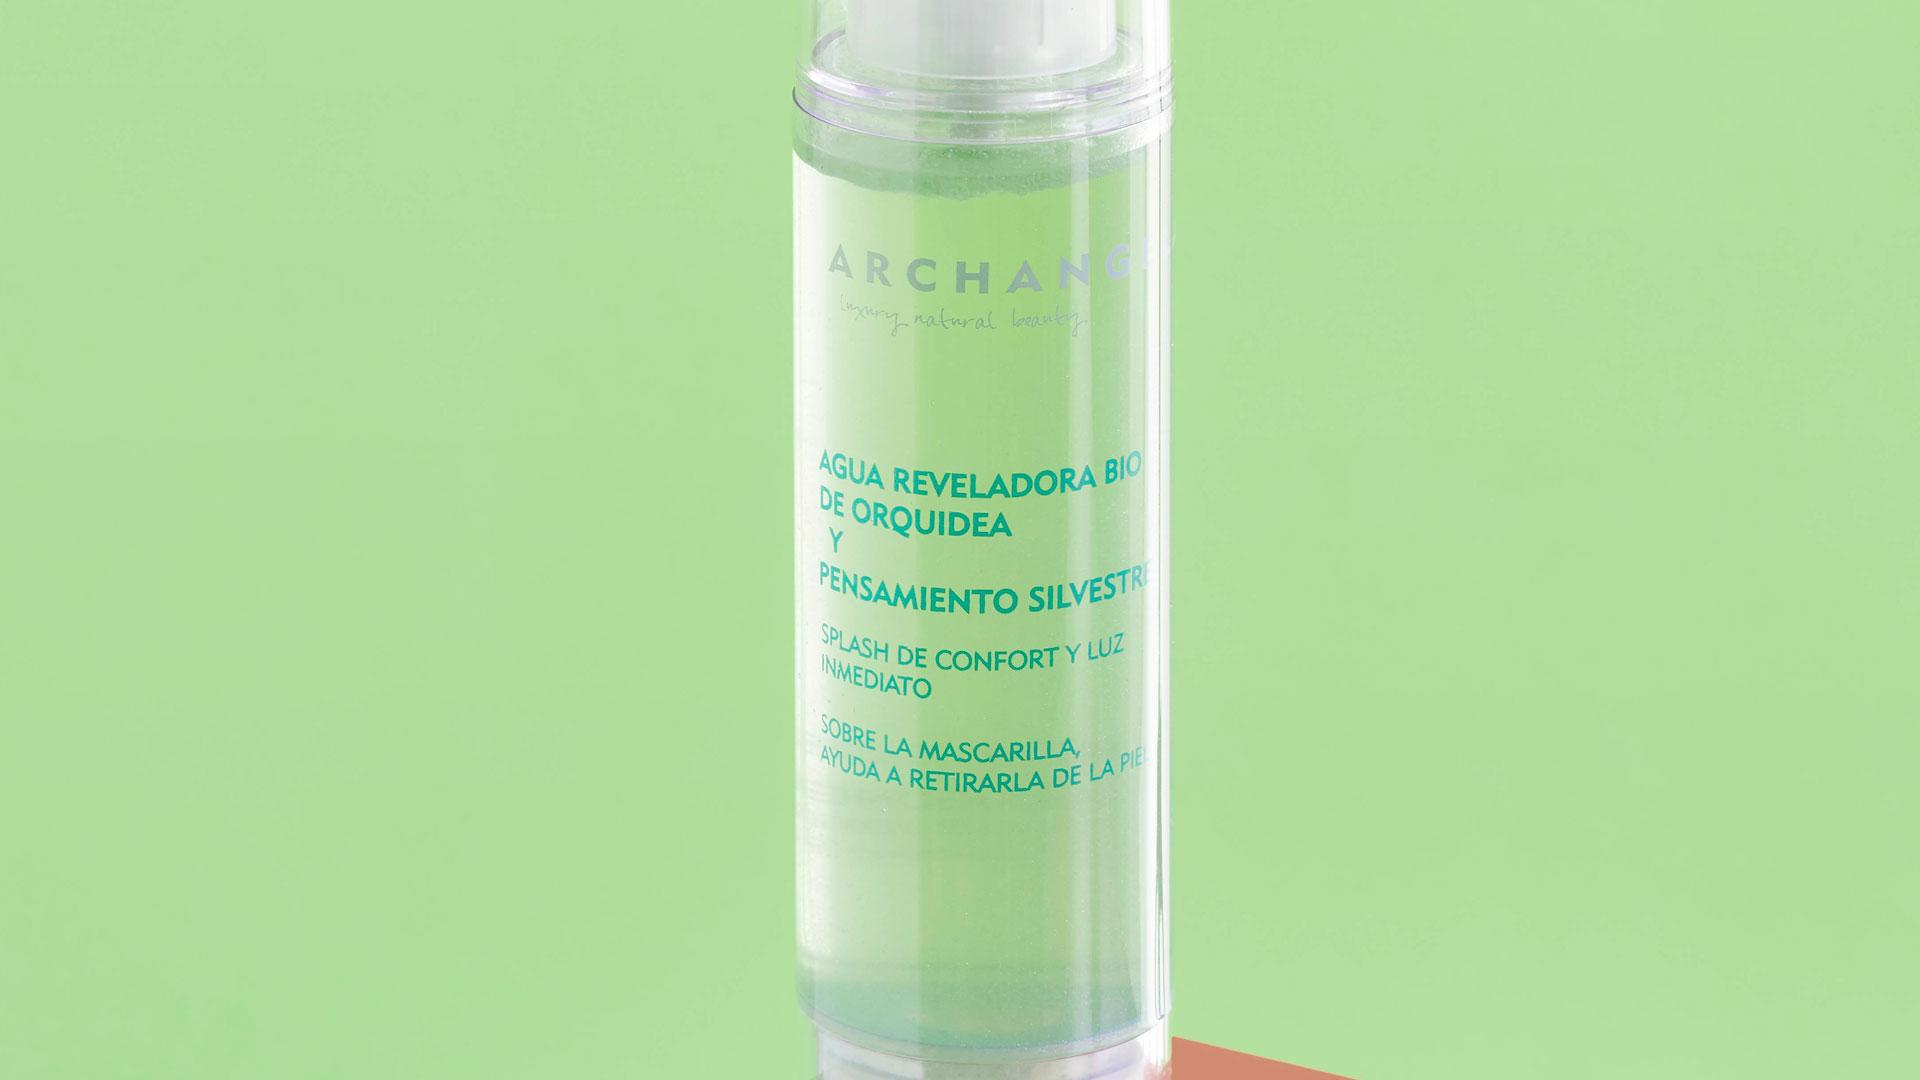 Imagen de la marca cosmética Archangela